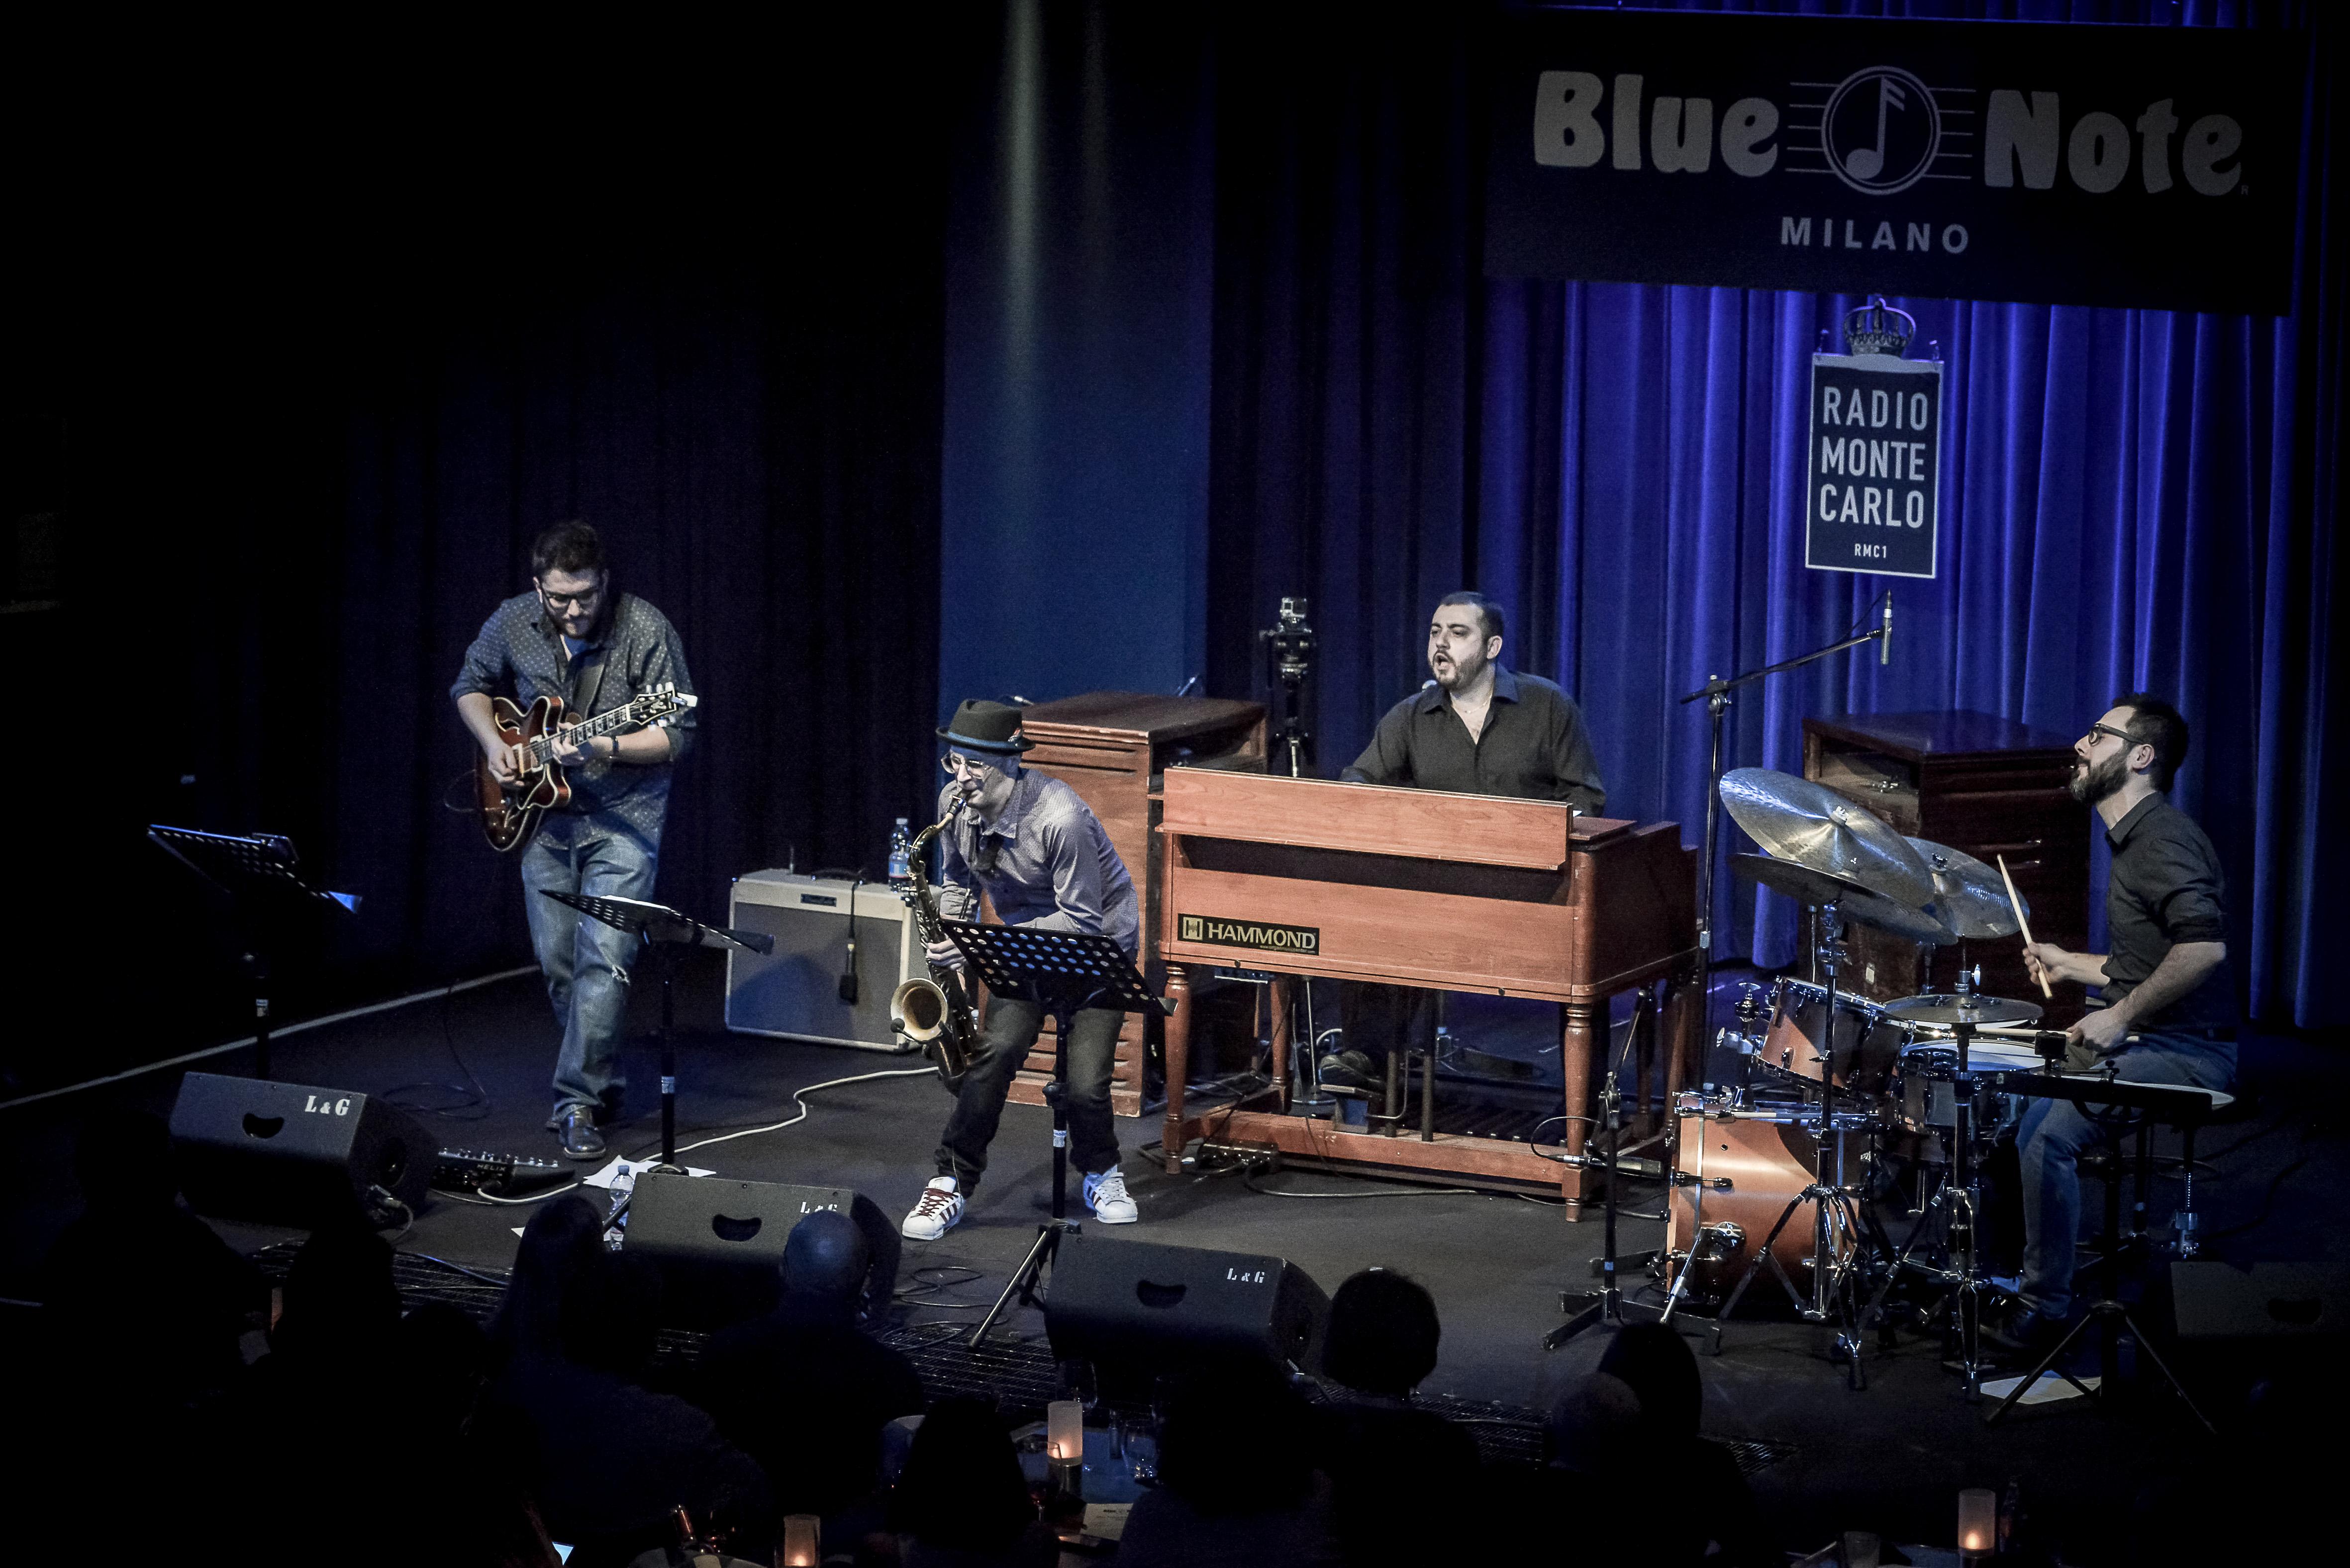 Blue moka fabrizio bosso blue note milano © Roberto Cifarelli